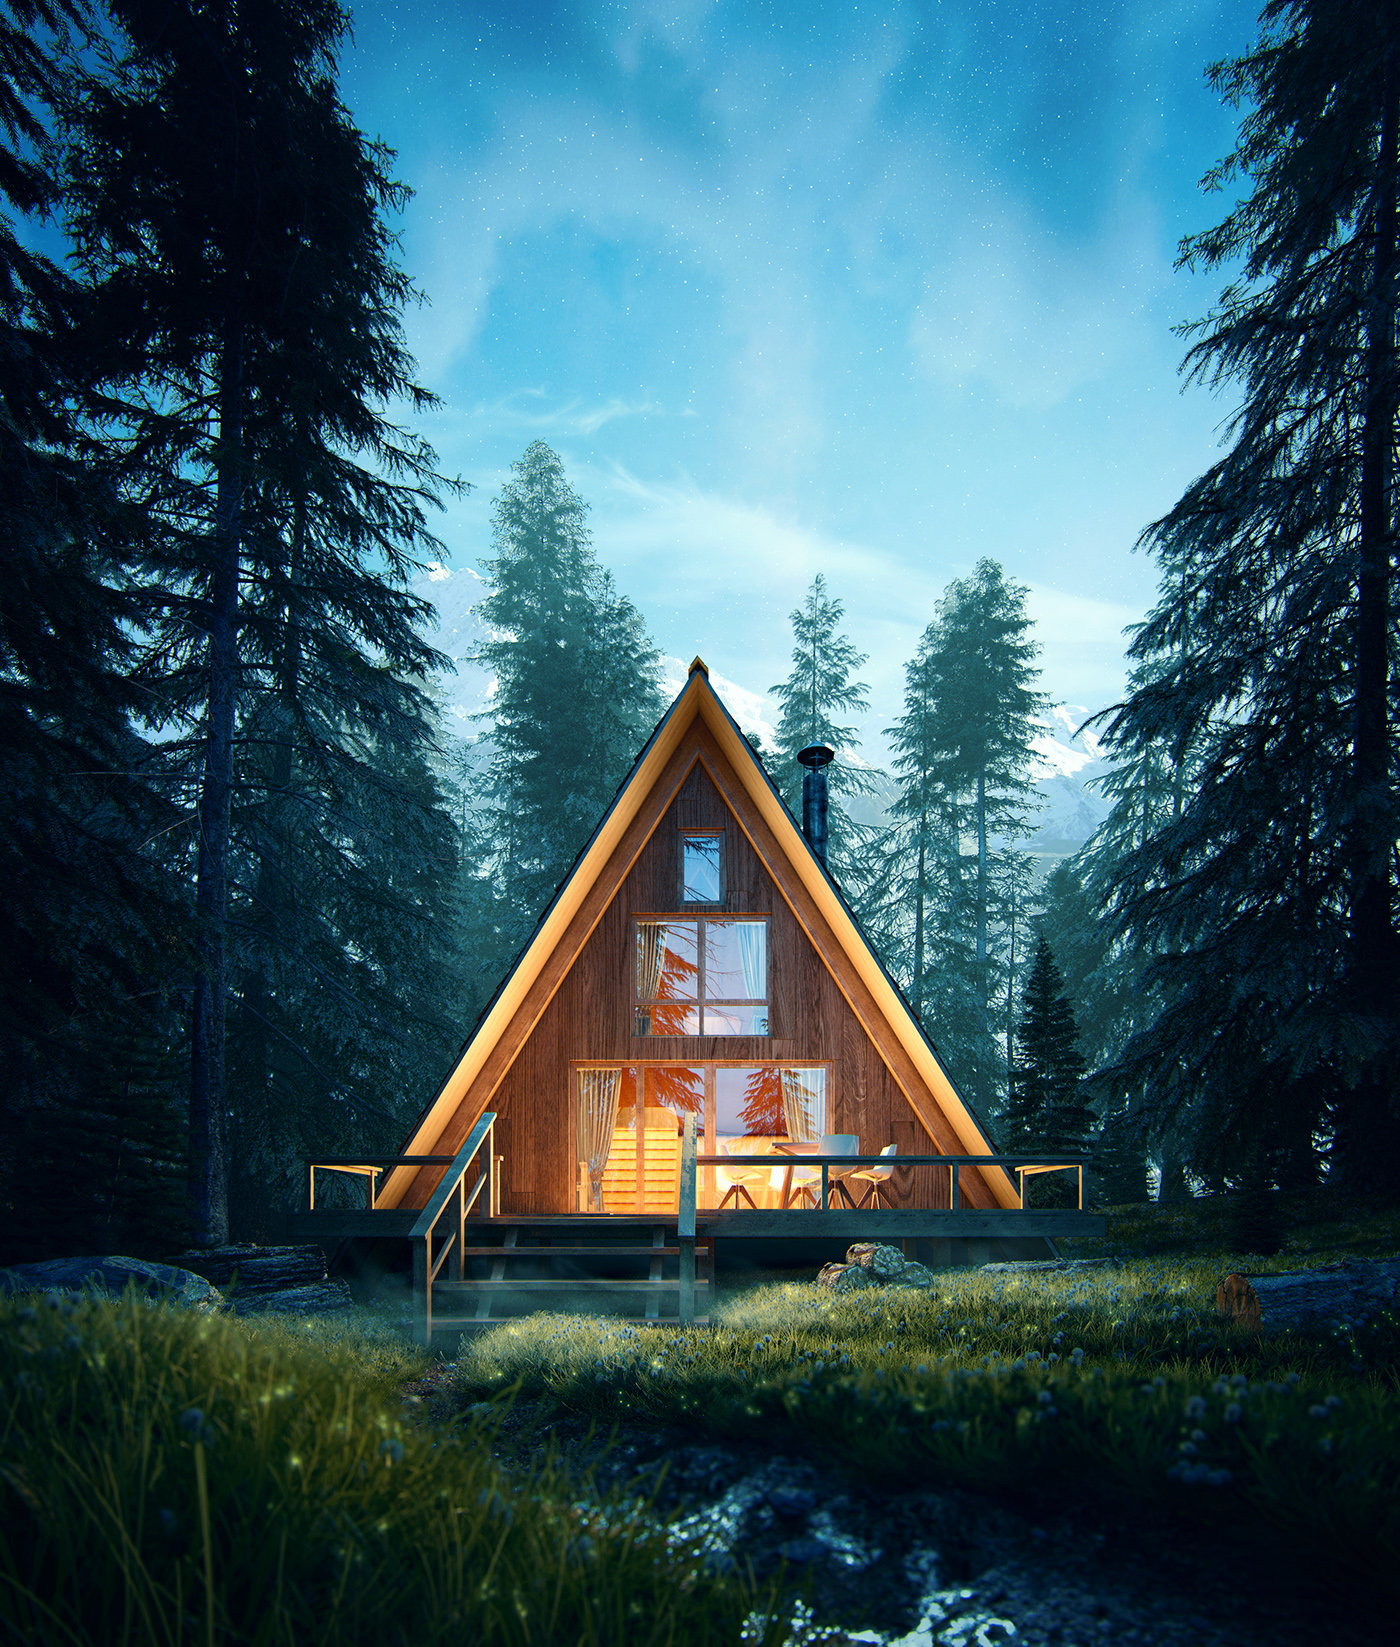 Romuald chaigneau forest house nuit vue2 redim